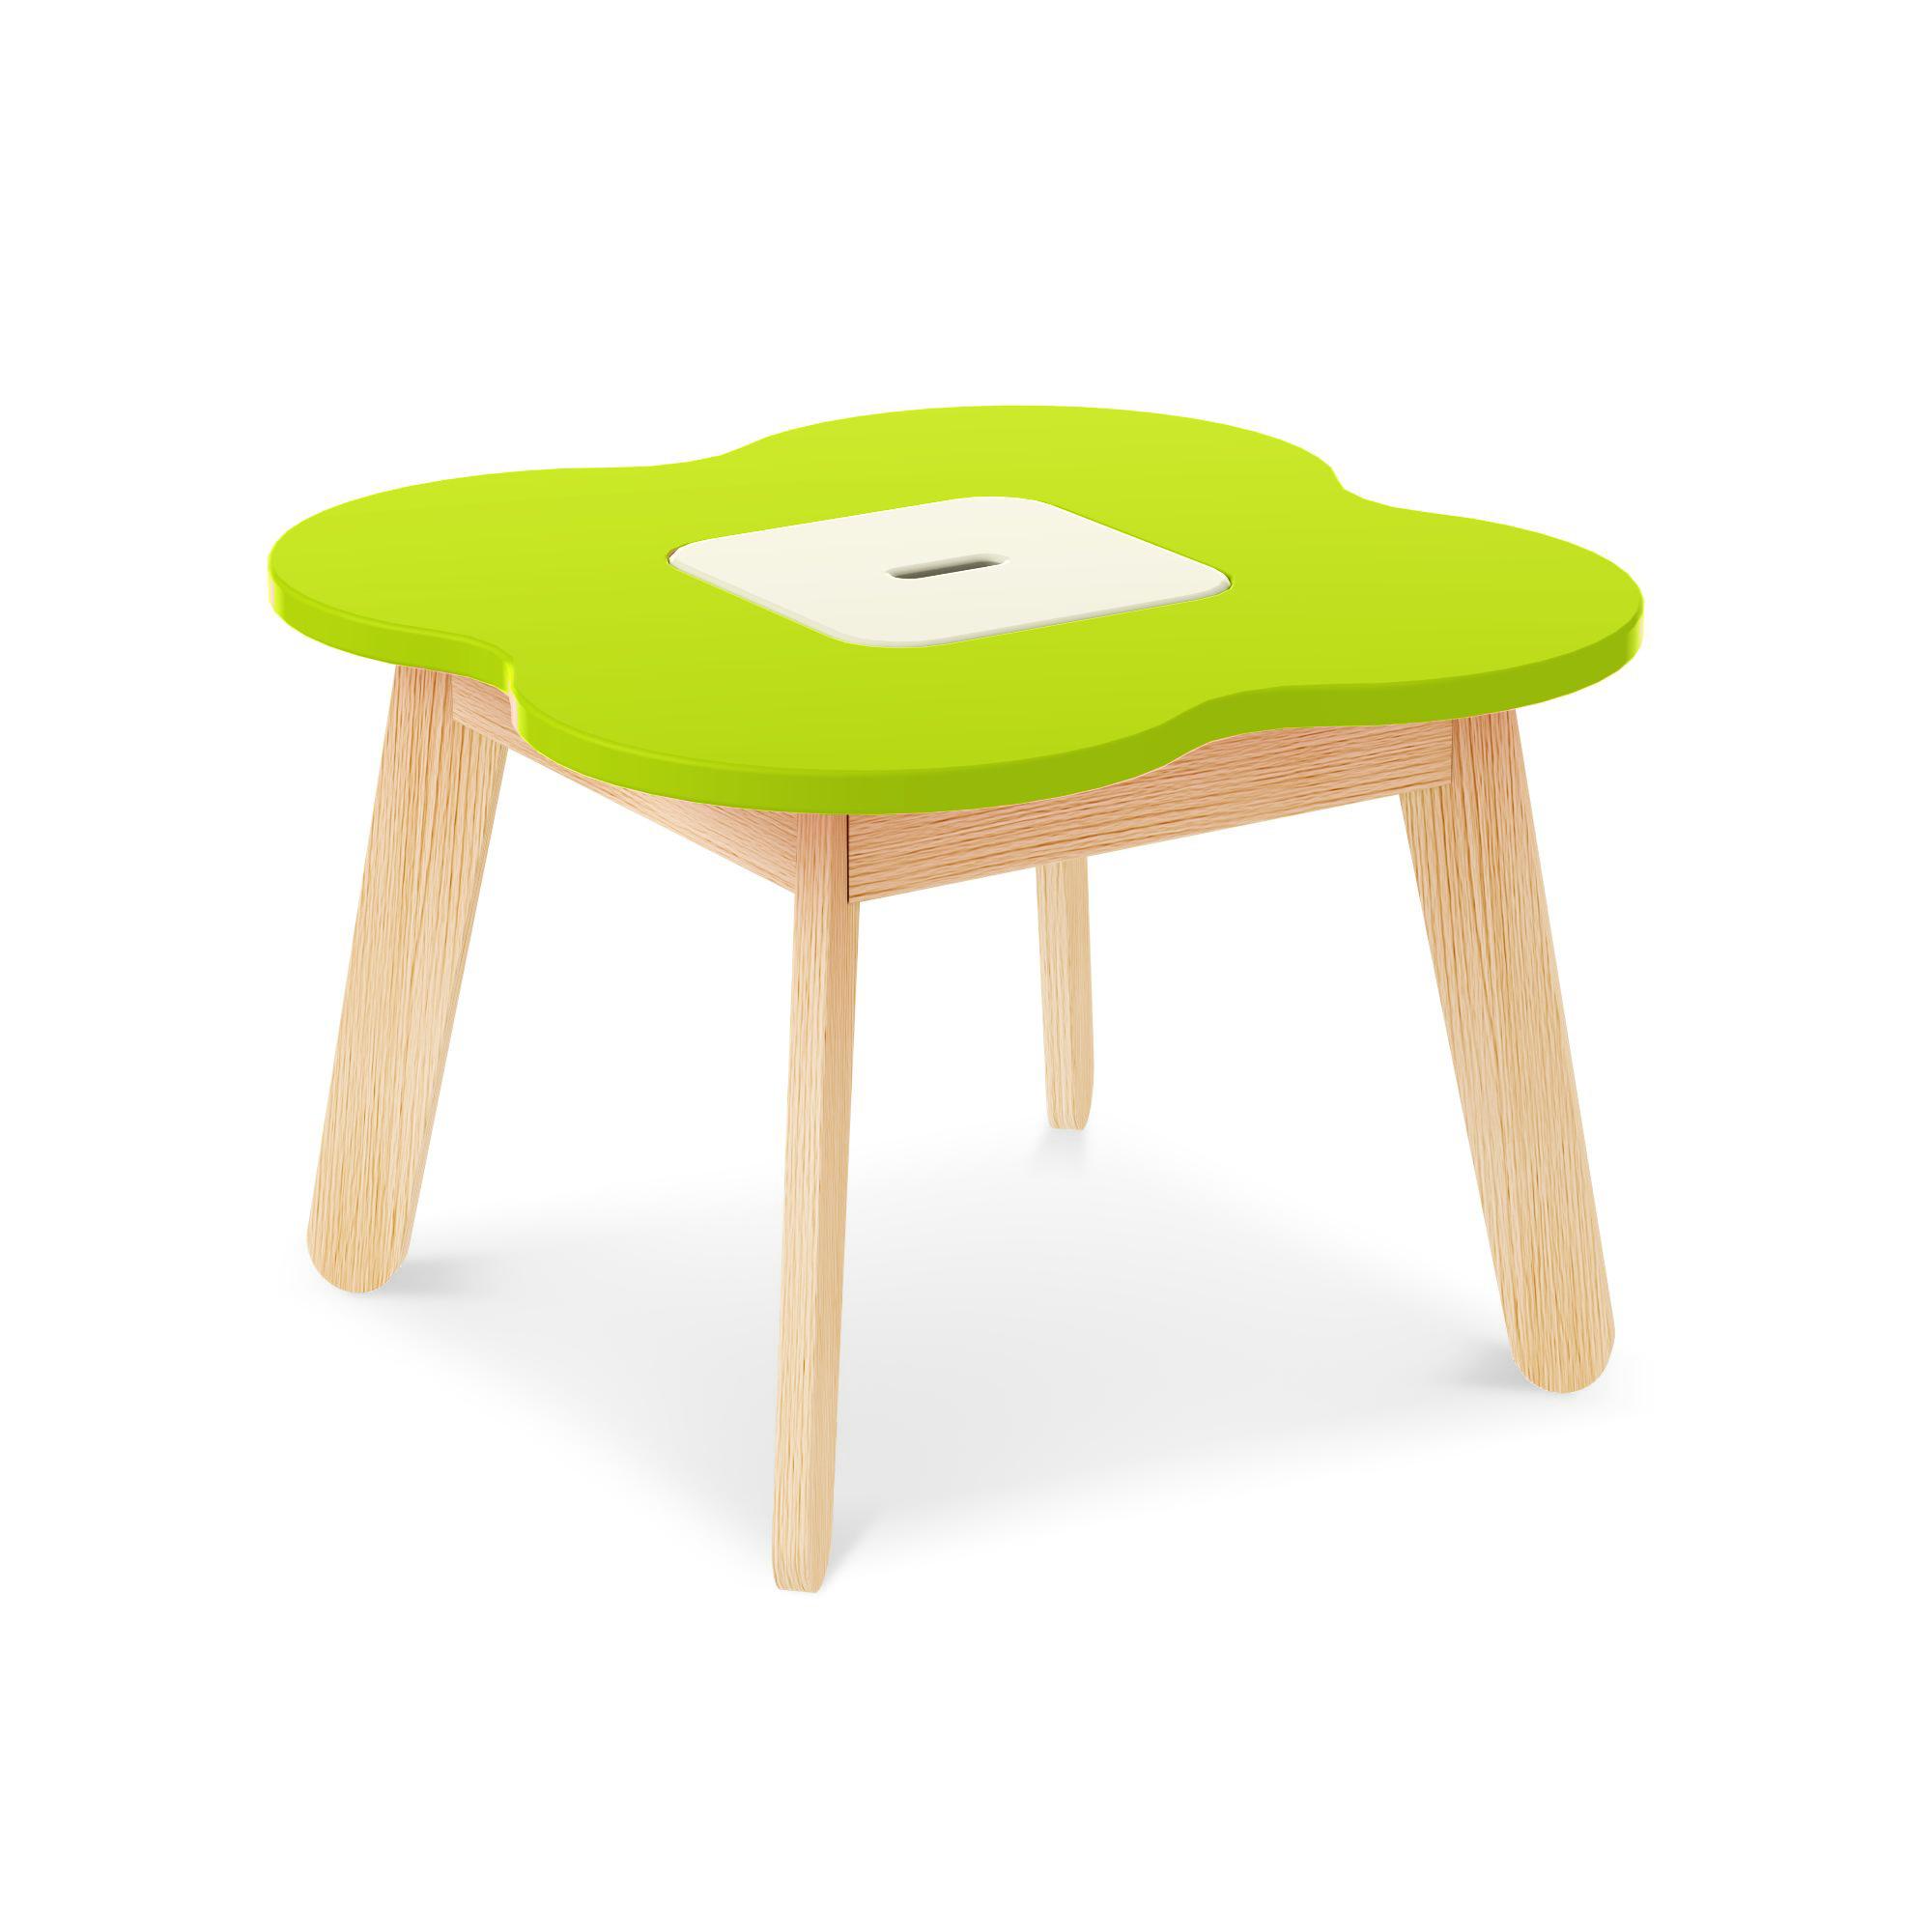 Spieltisch Simple Green, Timoore